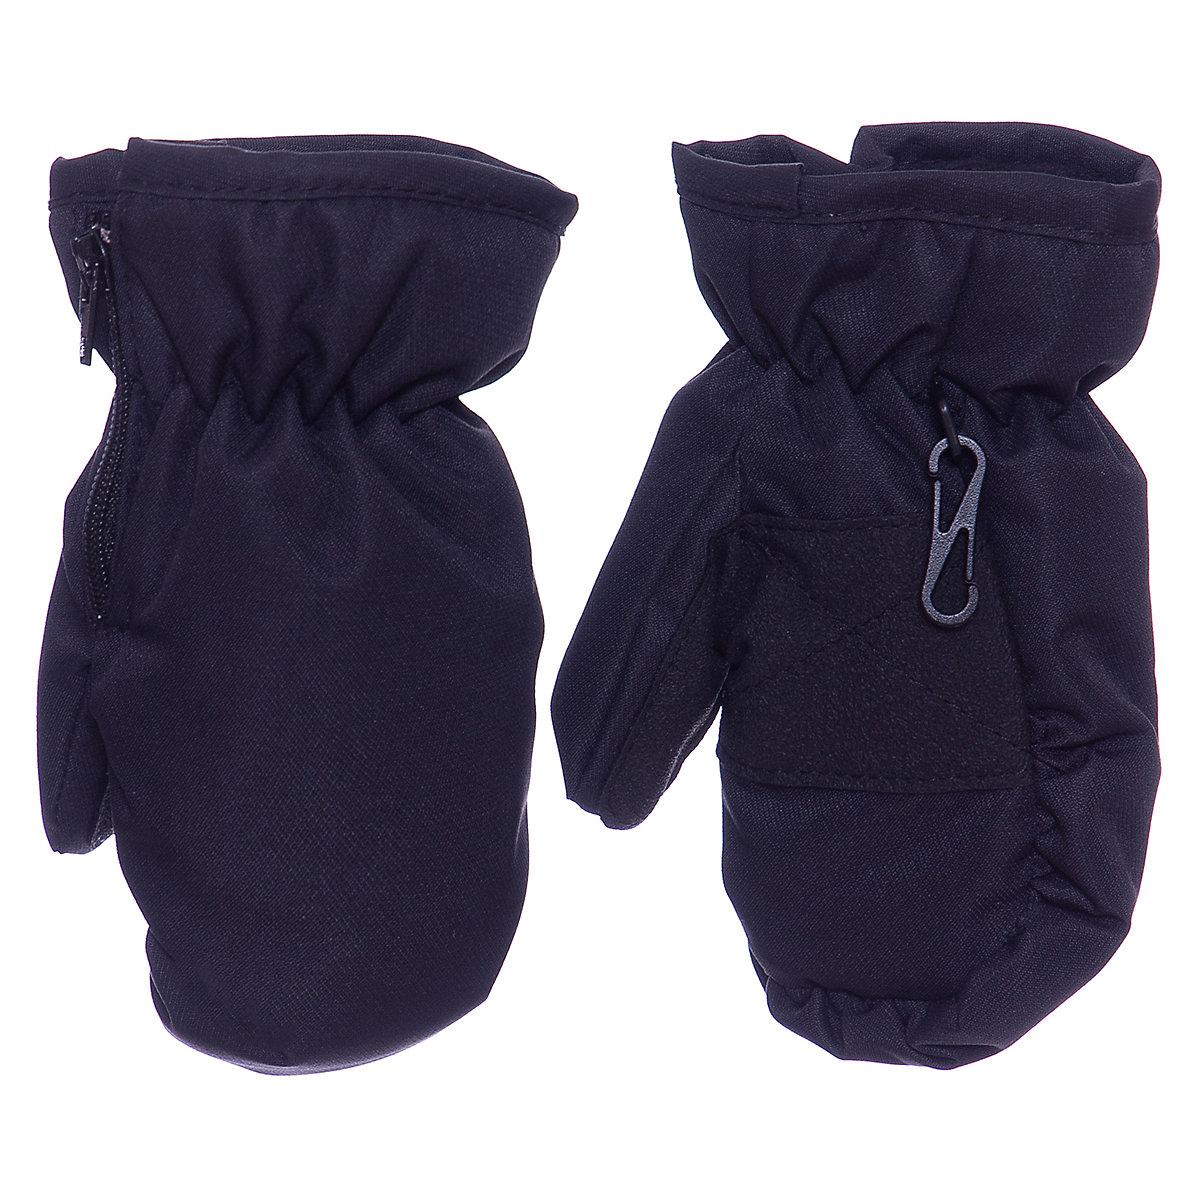 Ticket To Heaven Gloves & Mittens 8882609 Glove Mitten Winter Clothes For Children Girls Boys Girl Boy